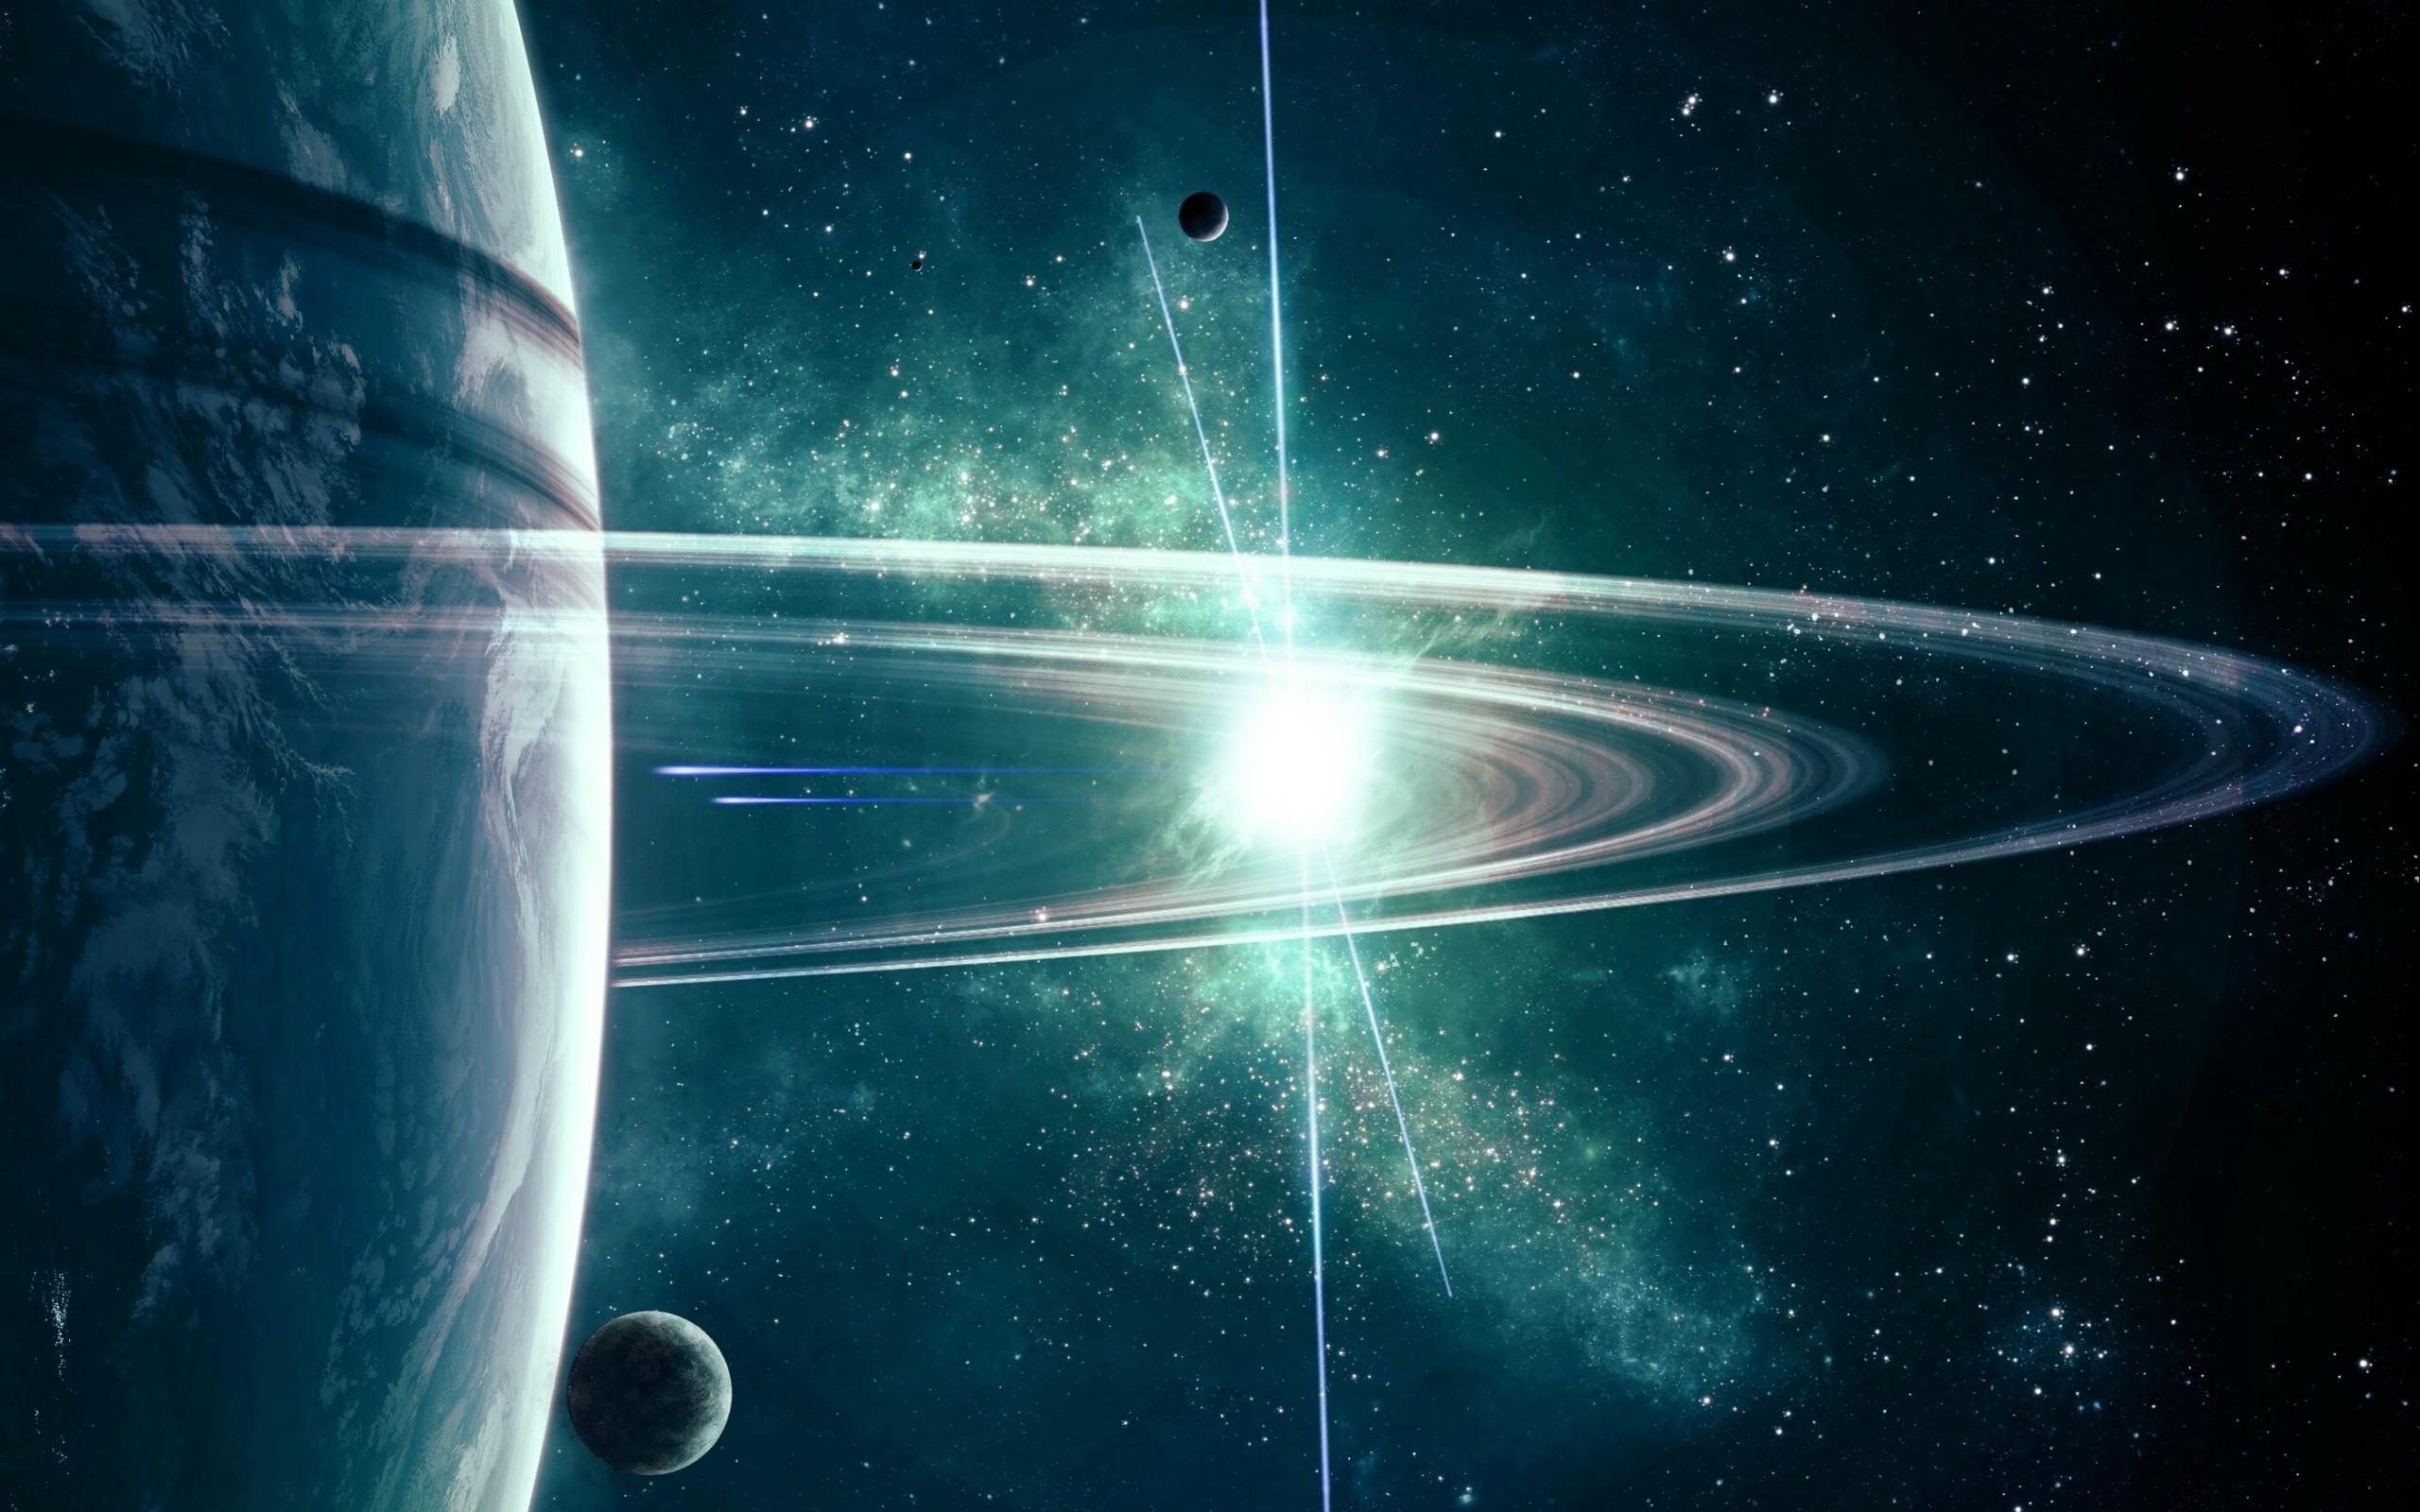 Обои Свечение за планетами картинки на рабочий стол на тему Космос - скачать  № 1772773 без смс